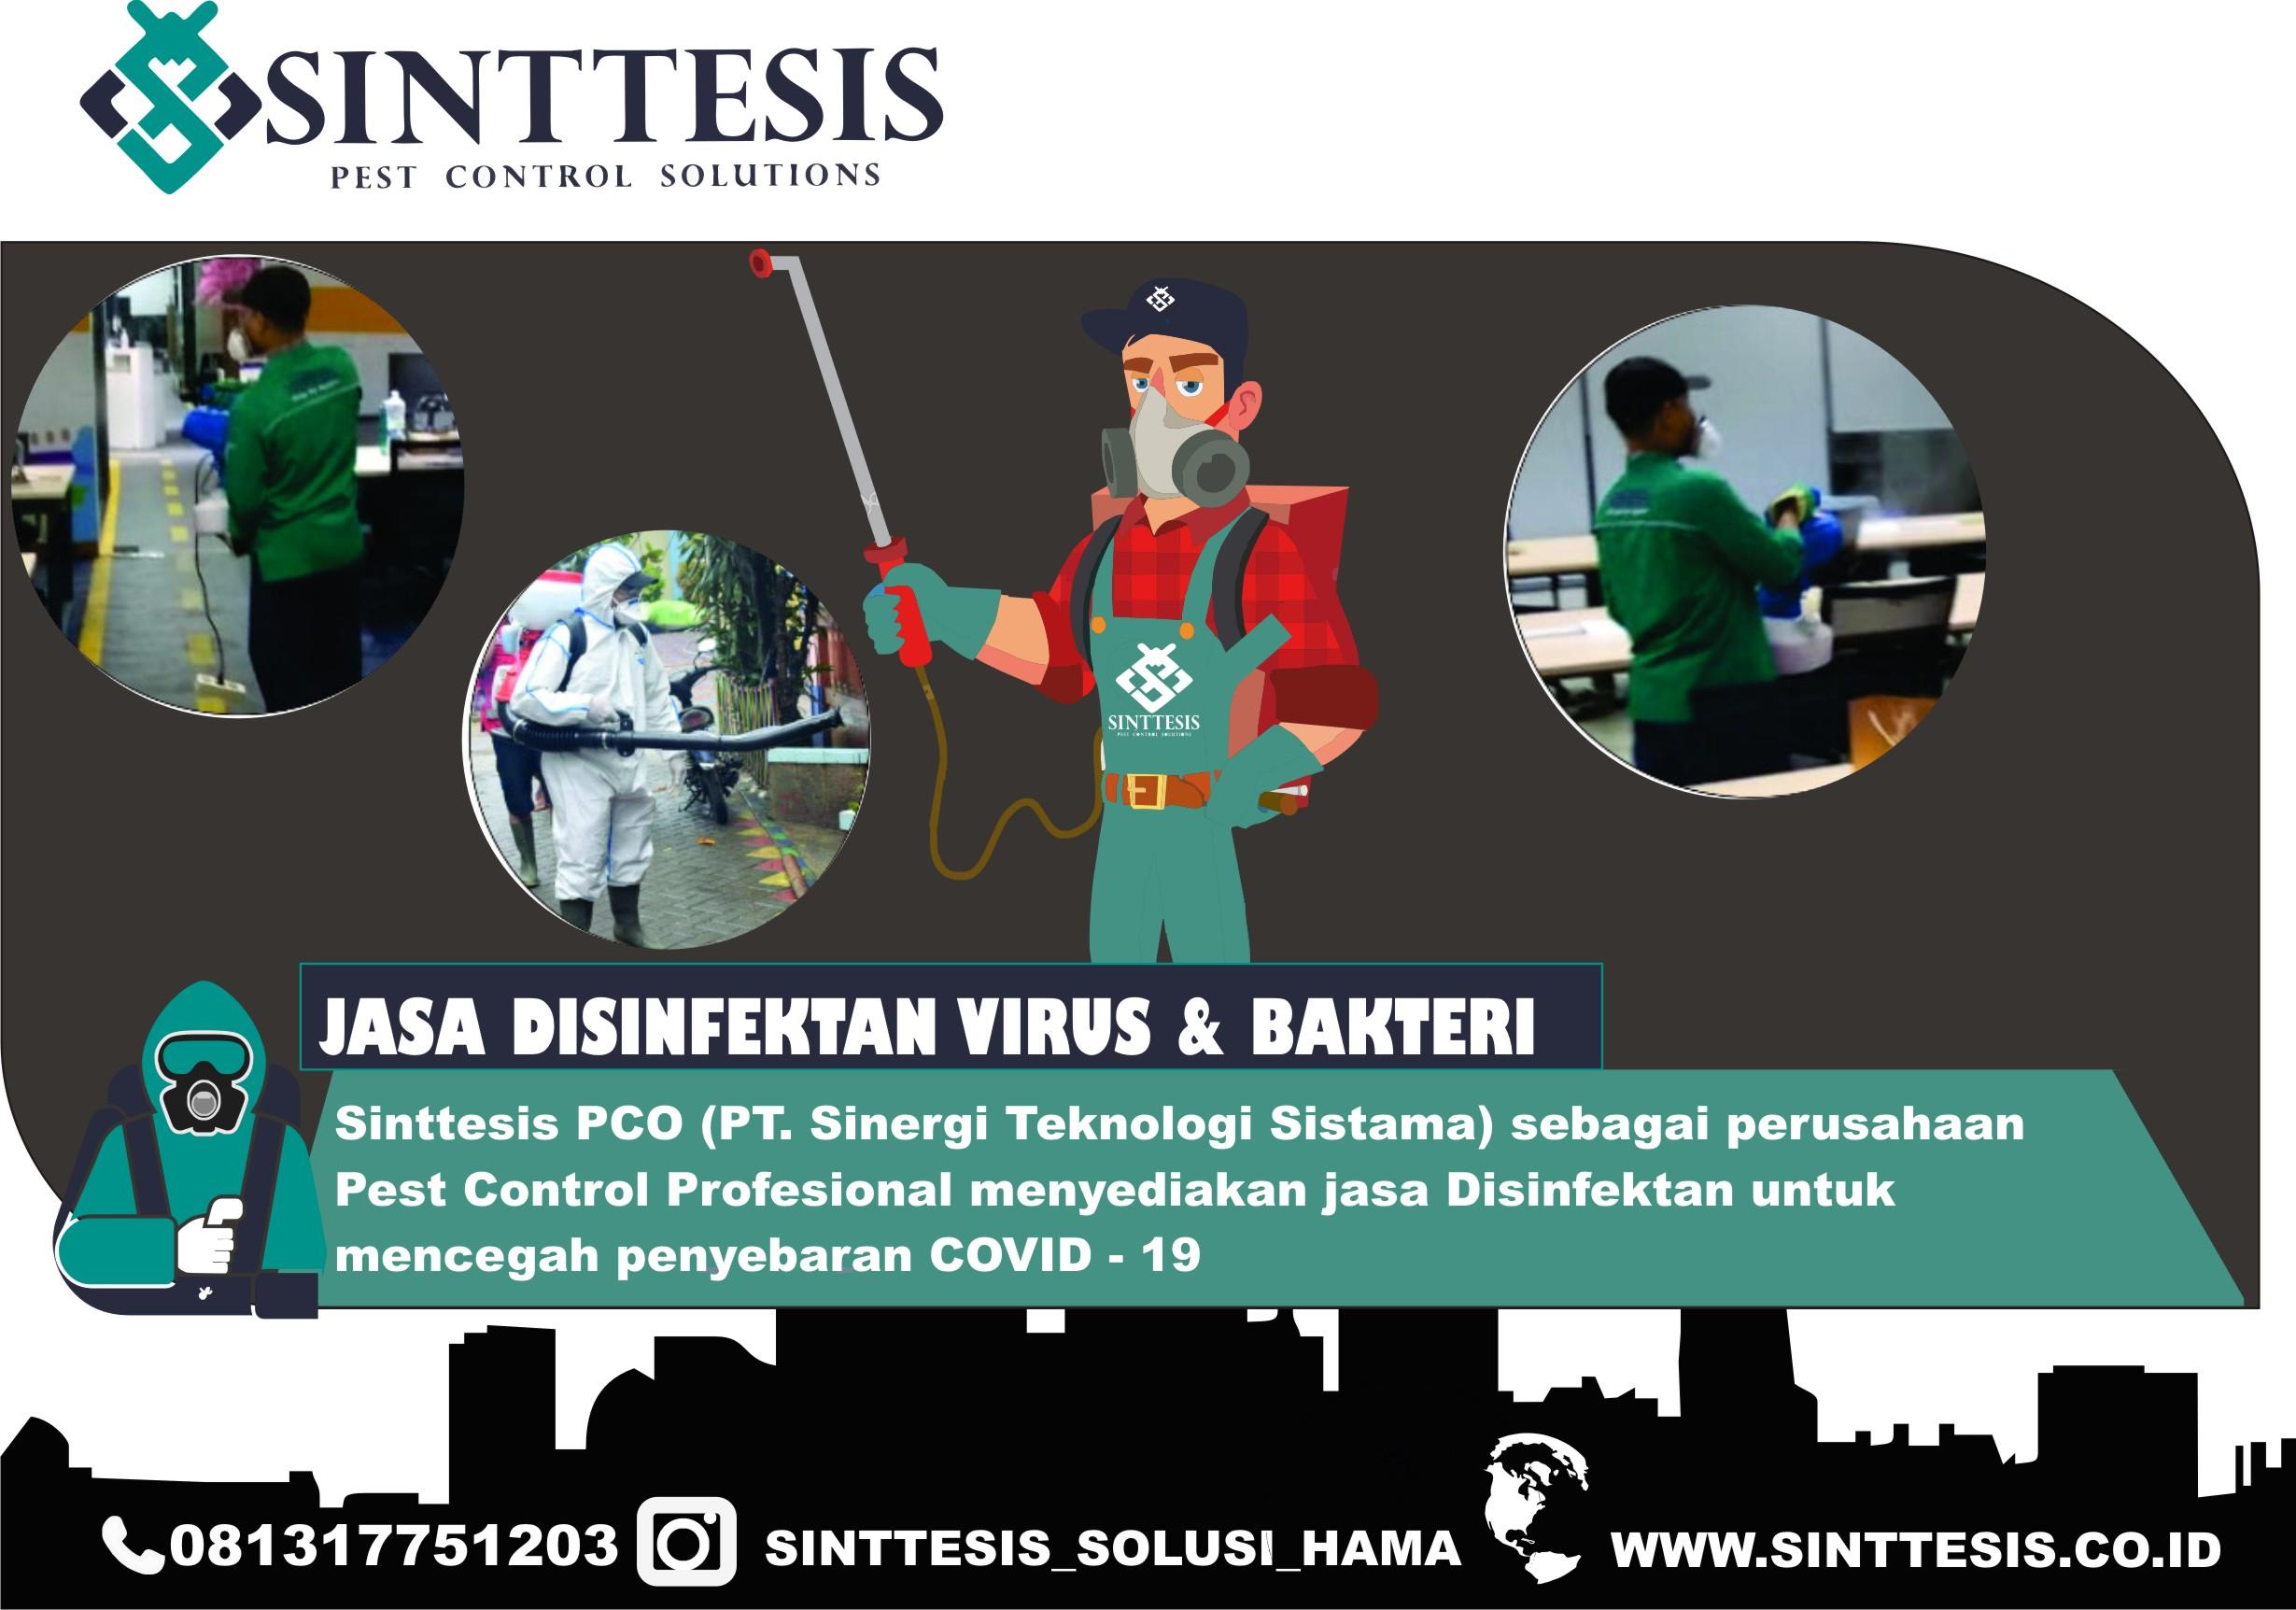 disinfektan-virus-dan-bakteri.jpg